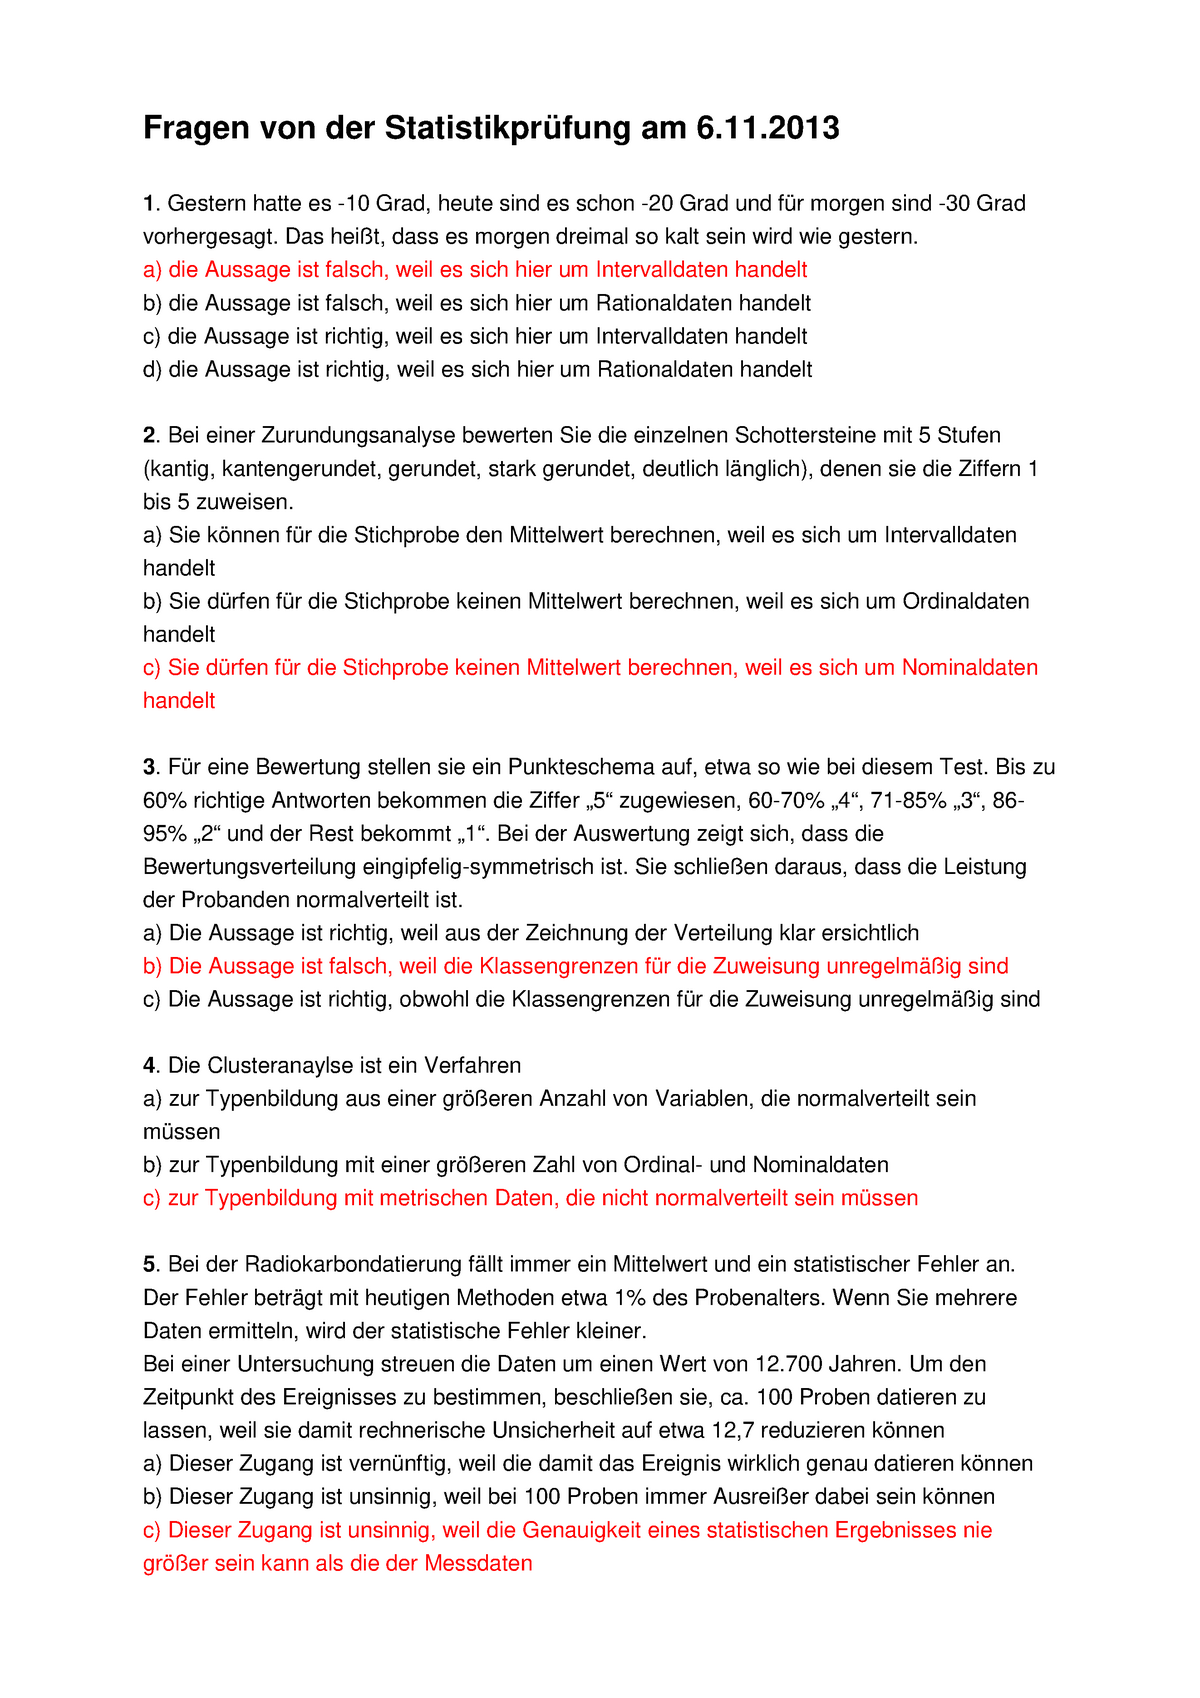 Verwendung von Gleichungen in der Radiokarbondatierung